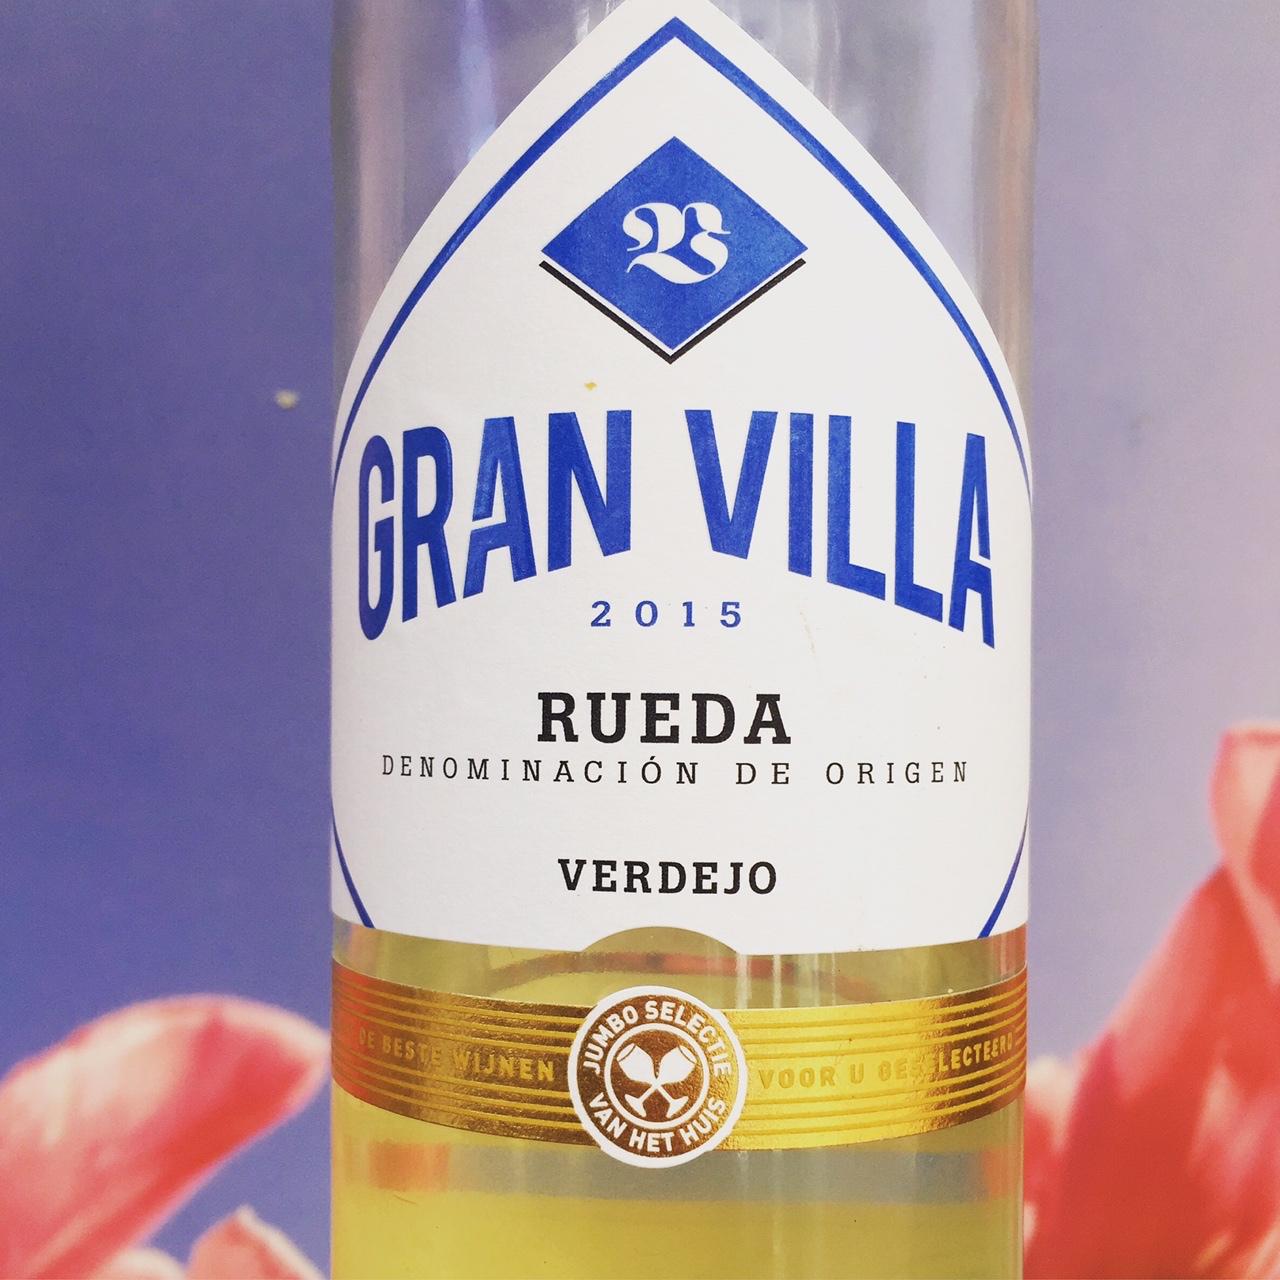 Rueda Verdejo wijnreview door Mama Drinkt Wijn, vinoloog sinds 2006